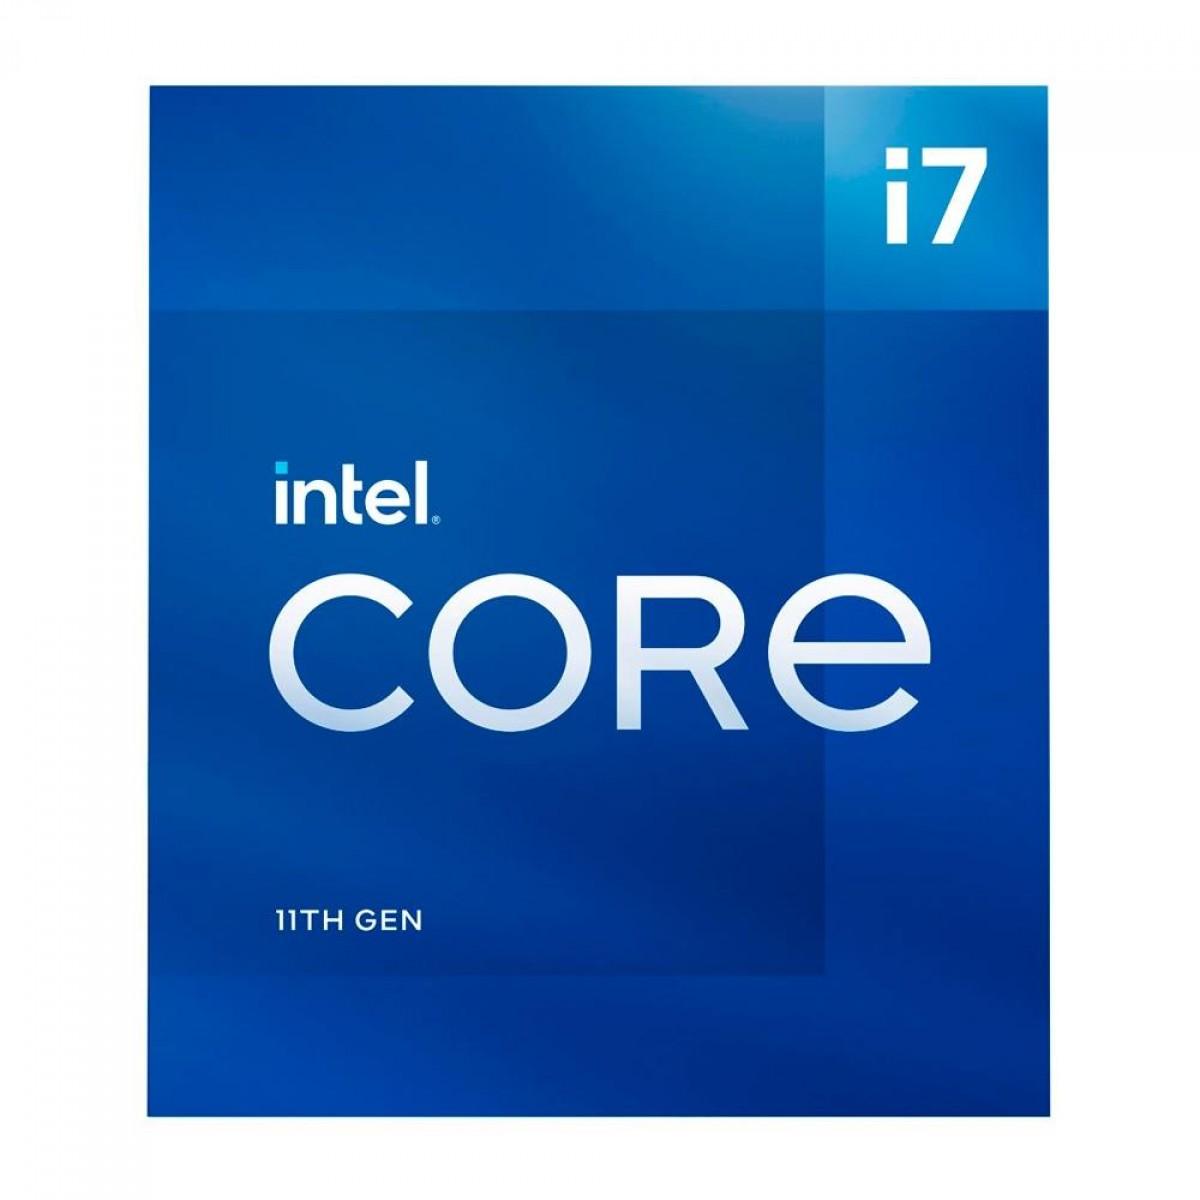 Processador Intel Core i7 11700 2.5GHz (4.9GHz Turbo), 11ª Geração, 8-Cores 16-Threads, LGA 1200, BX8070811700